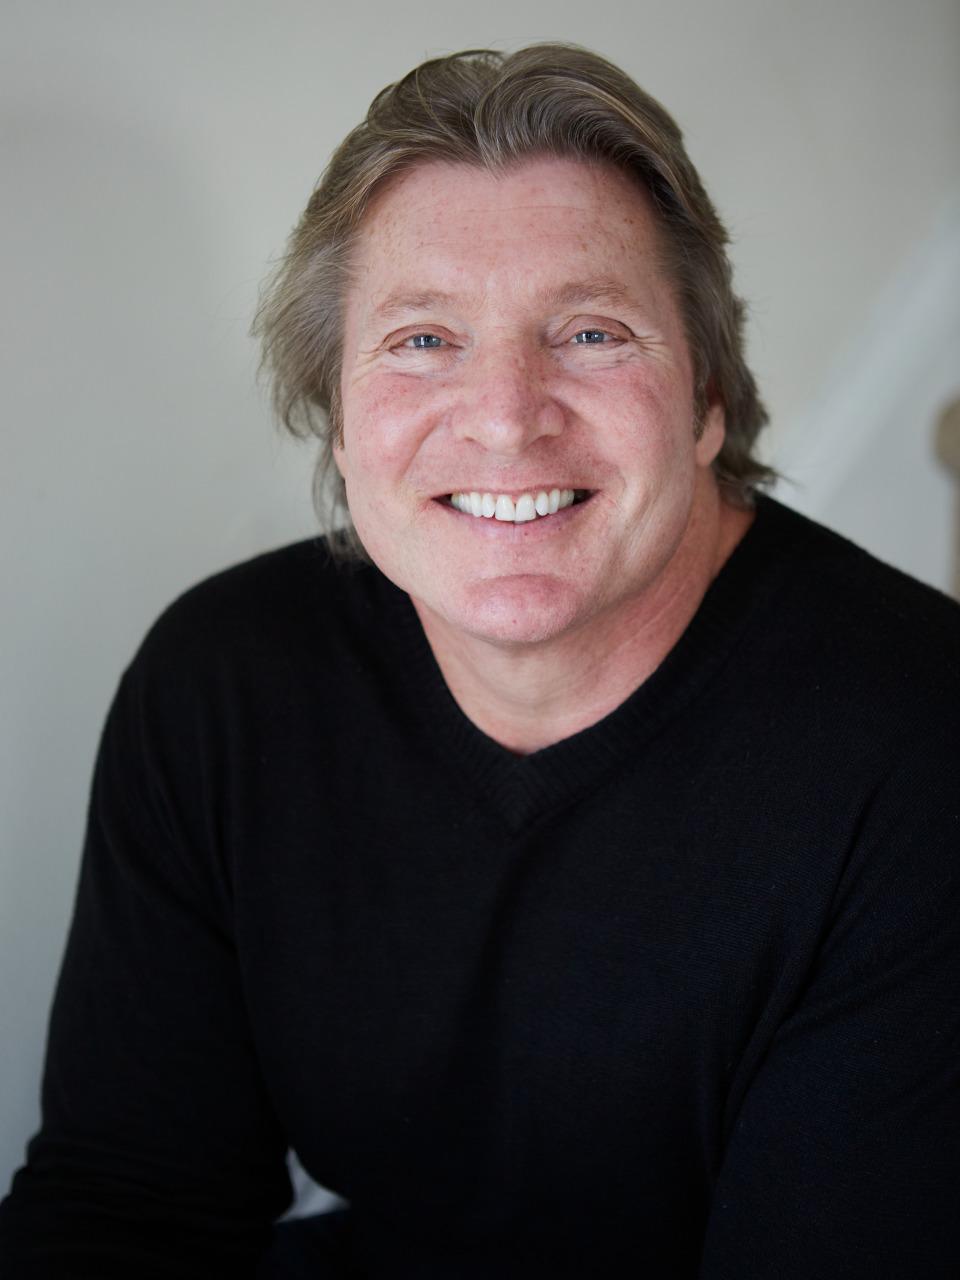 Troy Rosenzweig